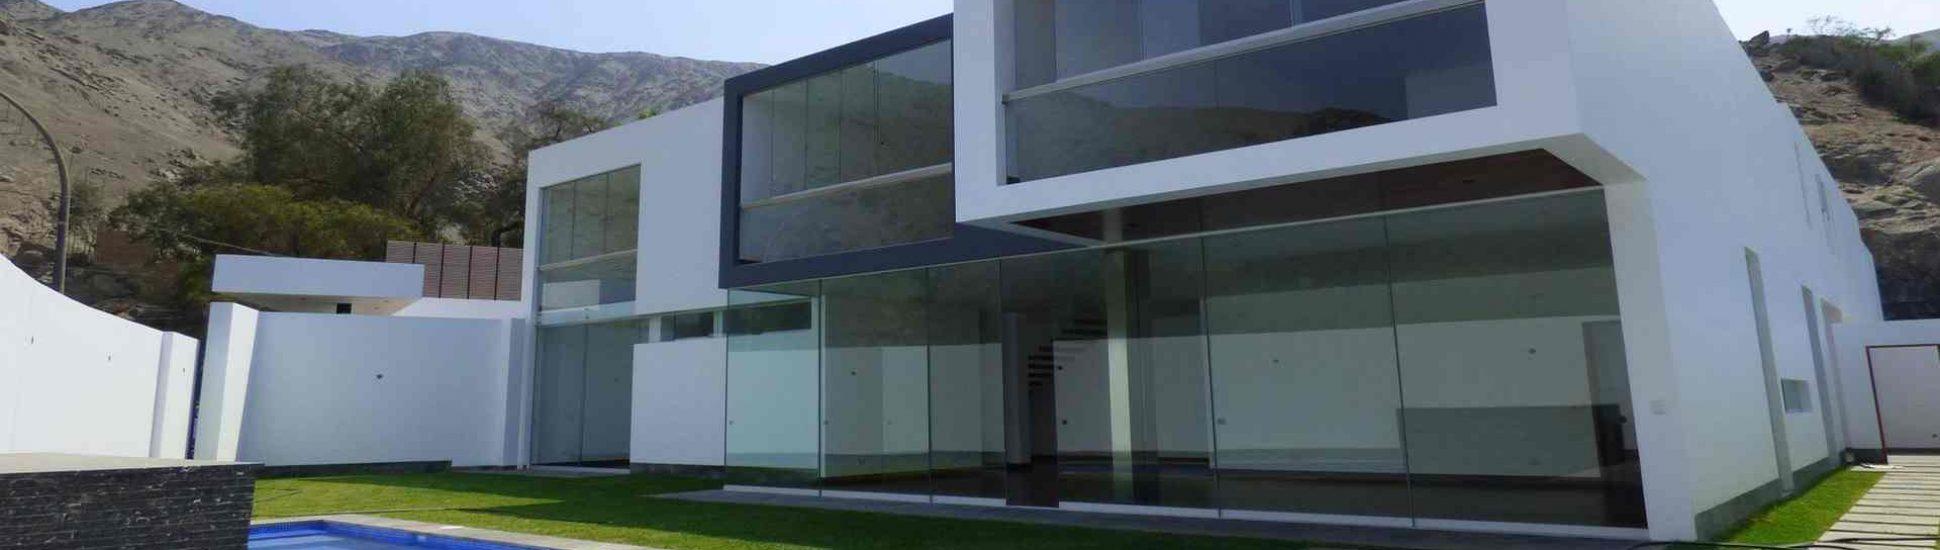 Estreno casa linda arquitectura